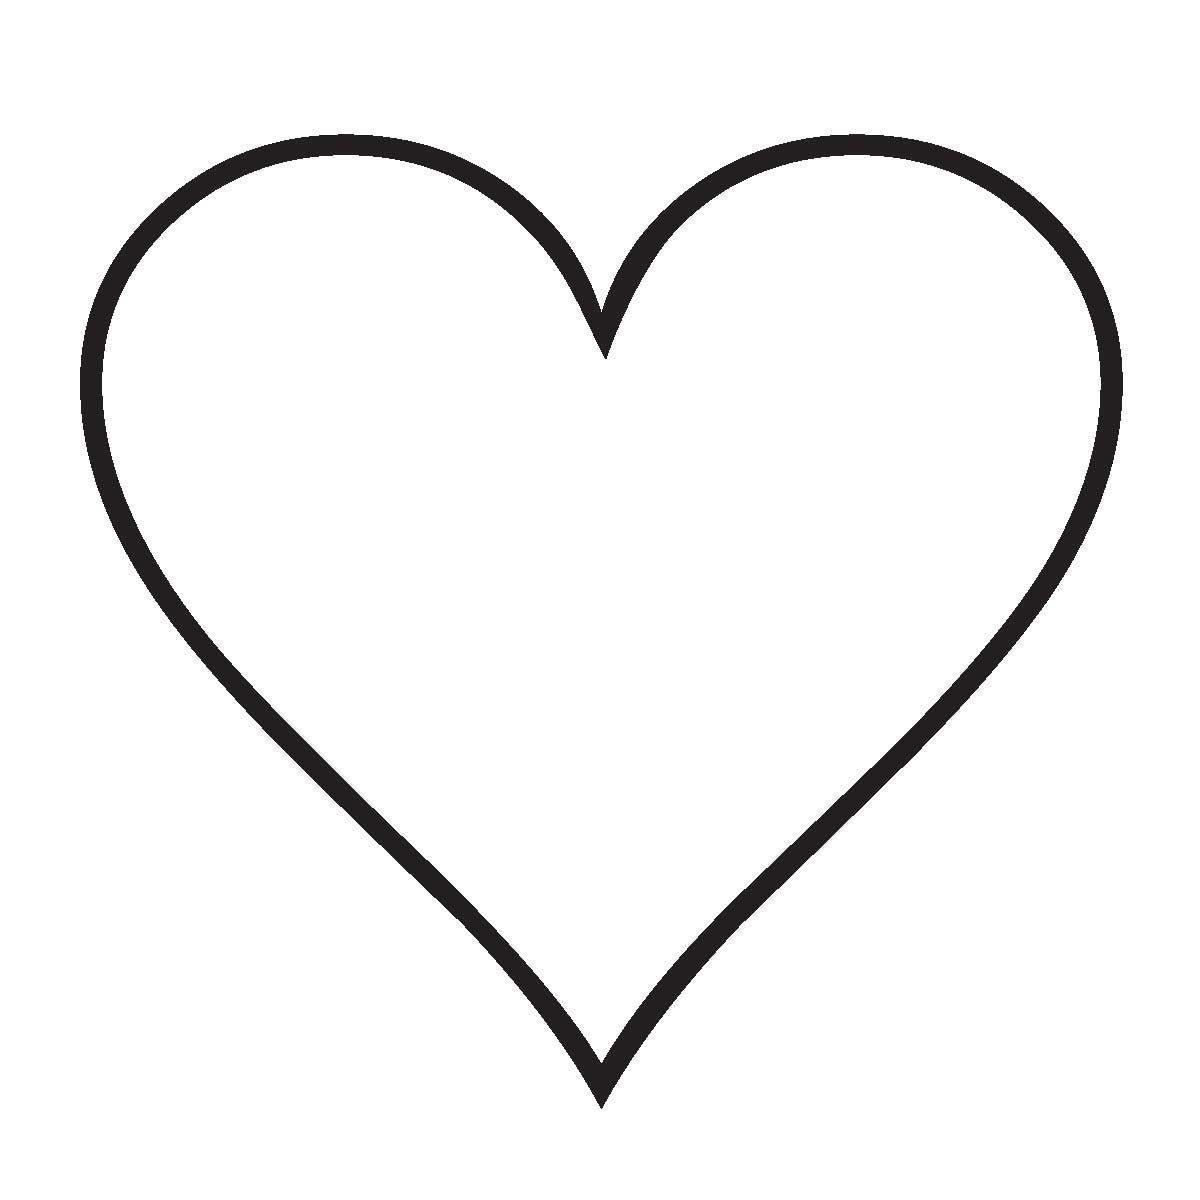 Corazon | Jesucristo | Heart template, Valentine crafts y Valentines